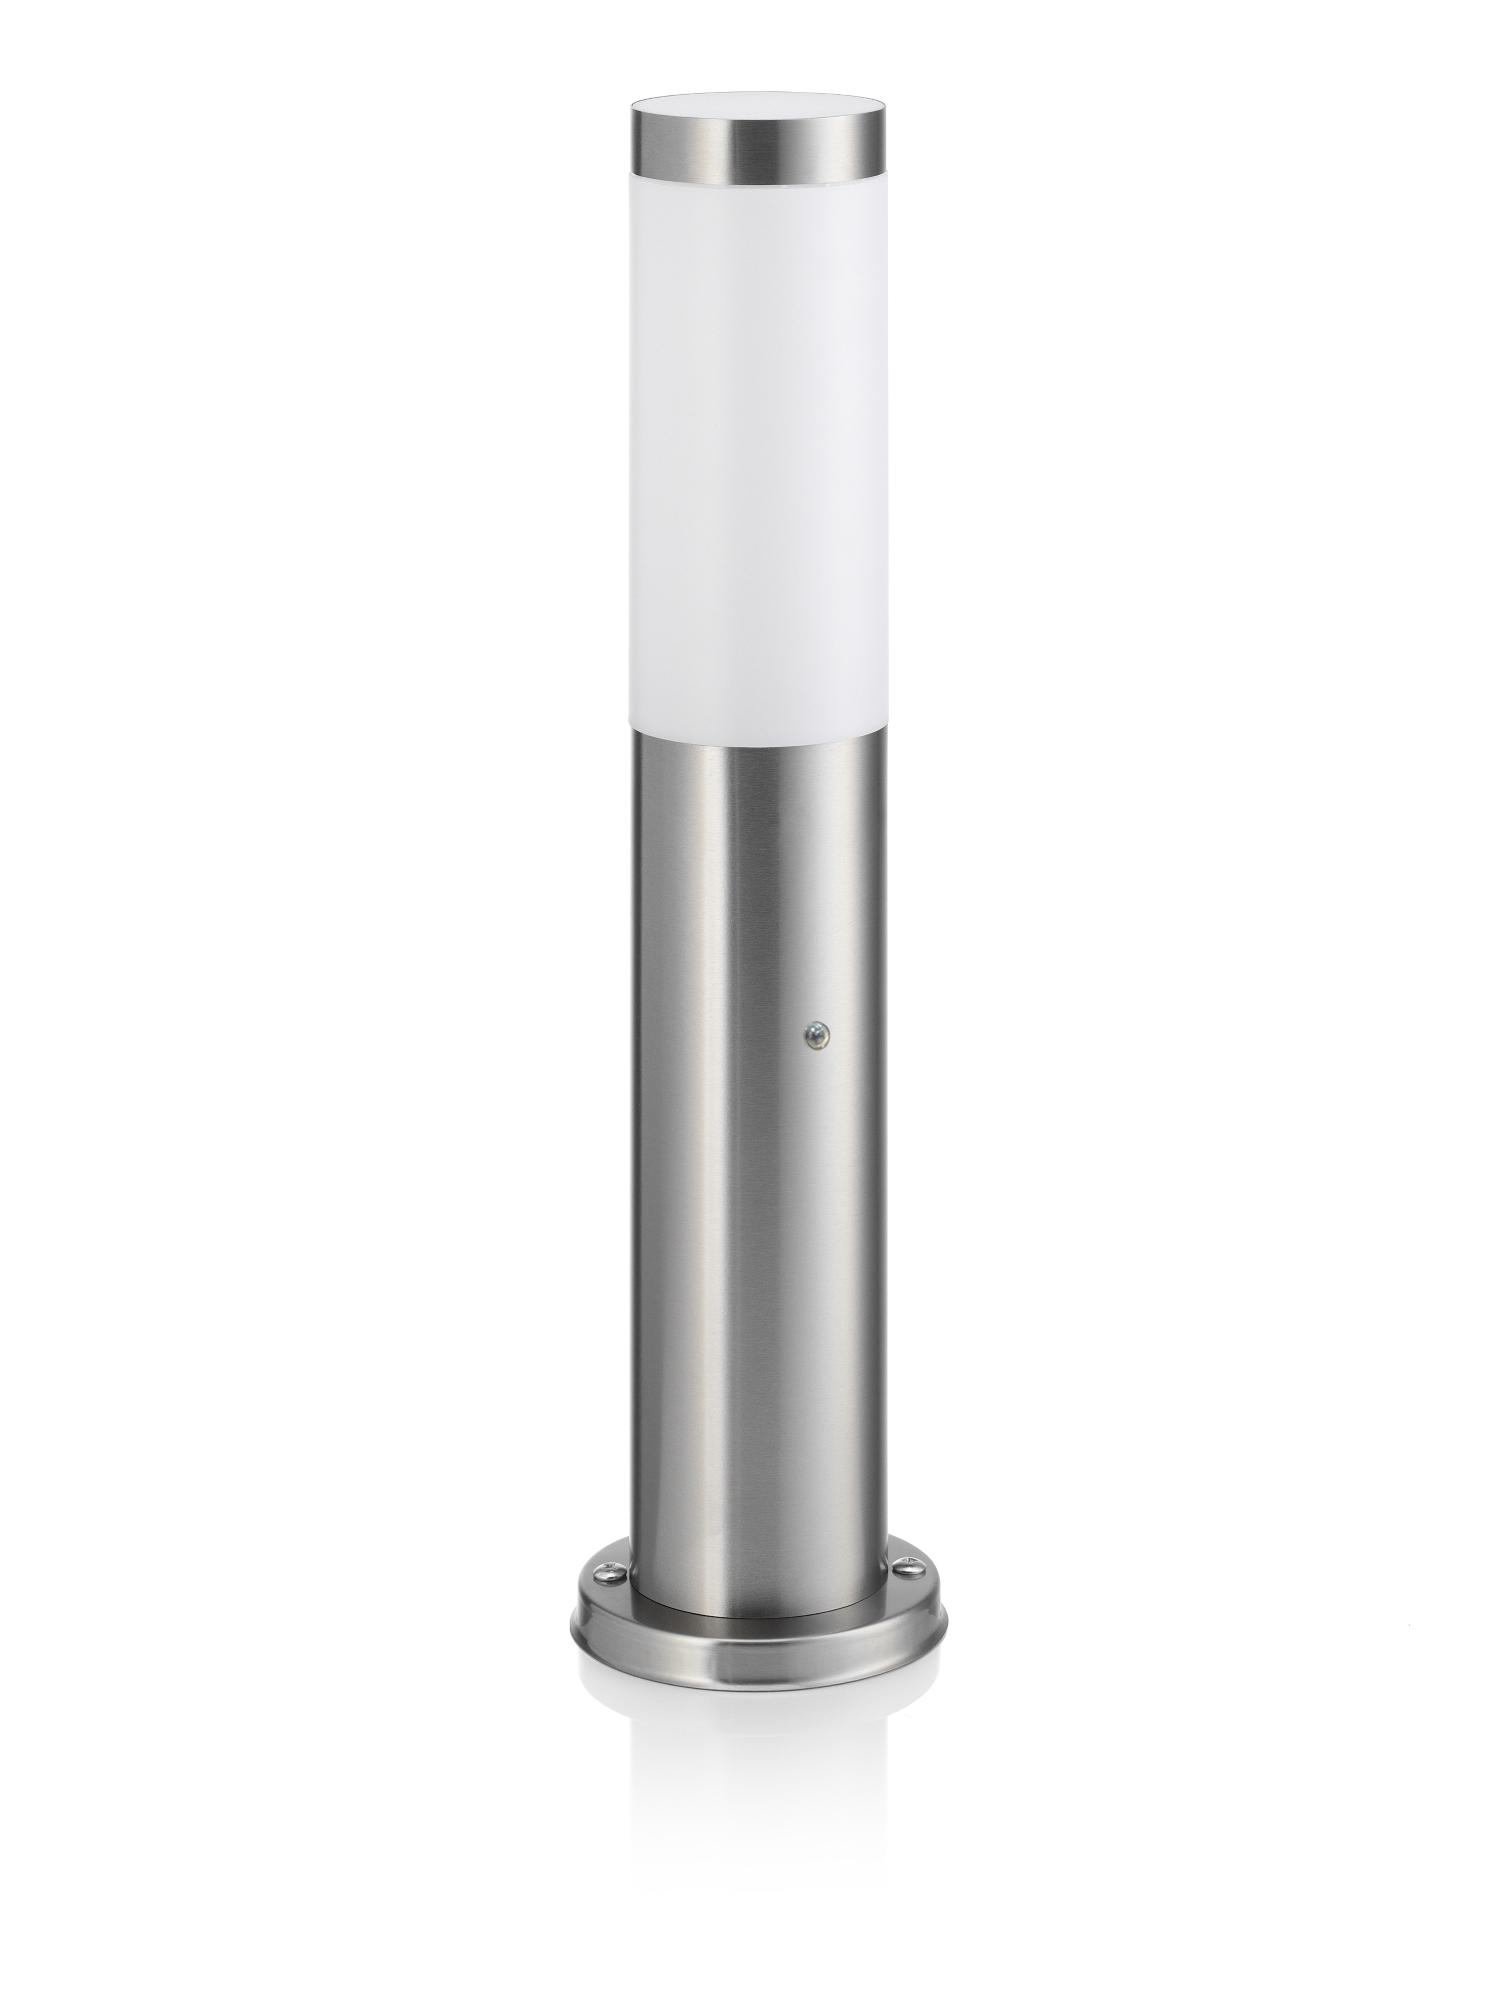 Auraglow Dusk Till Dawn Photocell Daylight Sensor Switch Outdoor Post Light